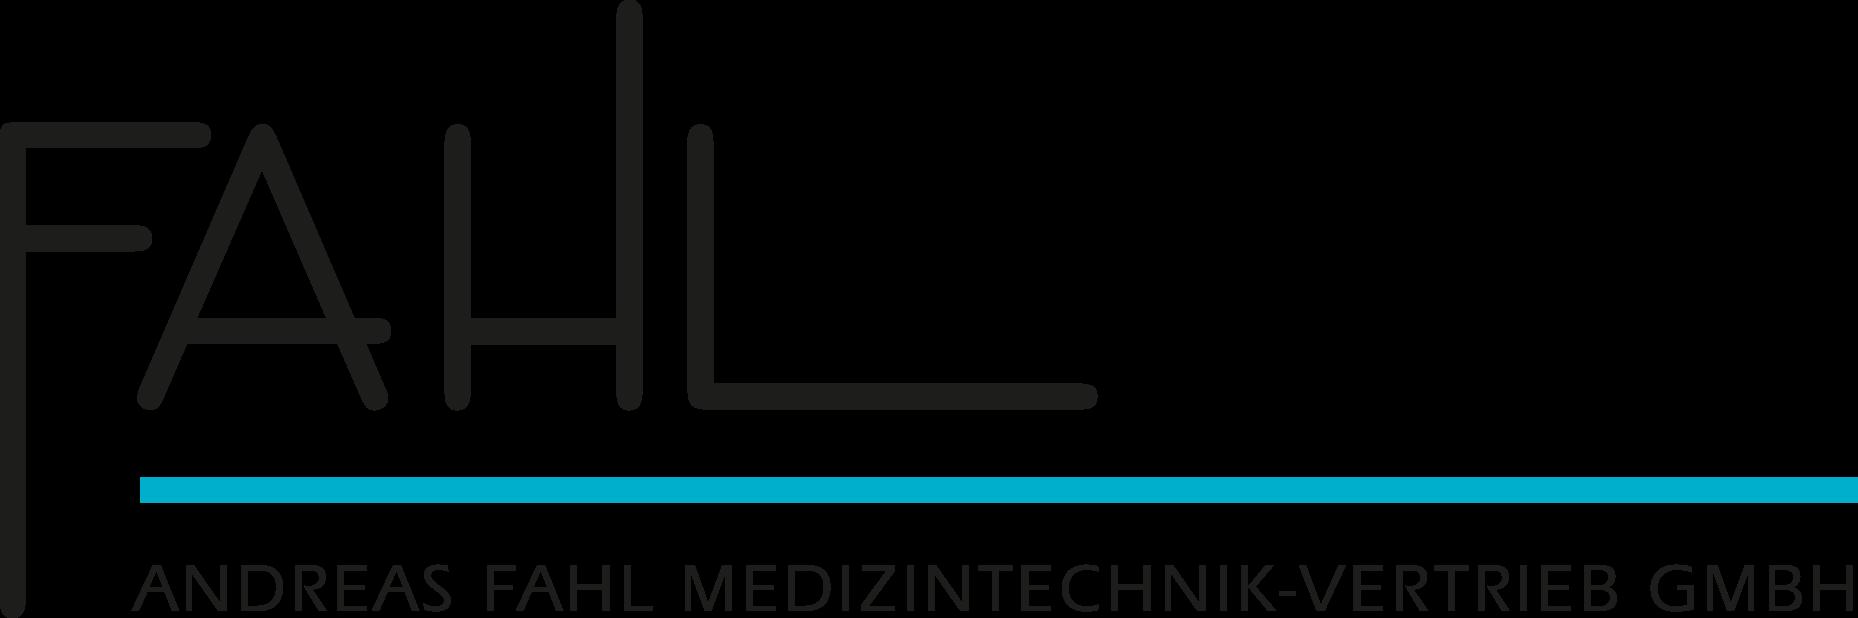 Logo_türkis_quer-2a0e1efa